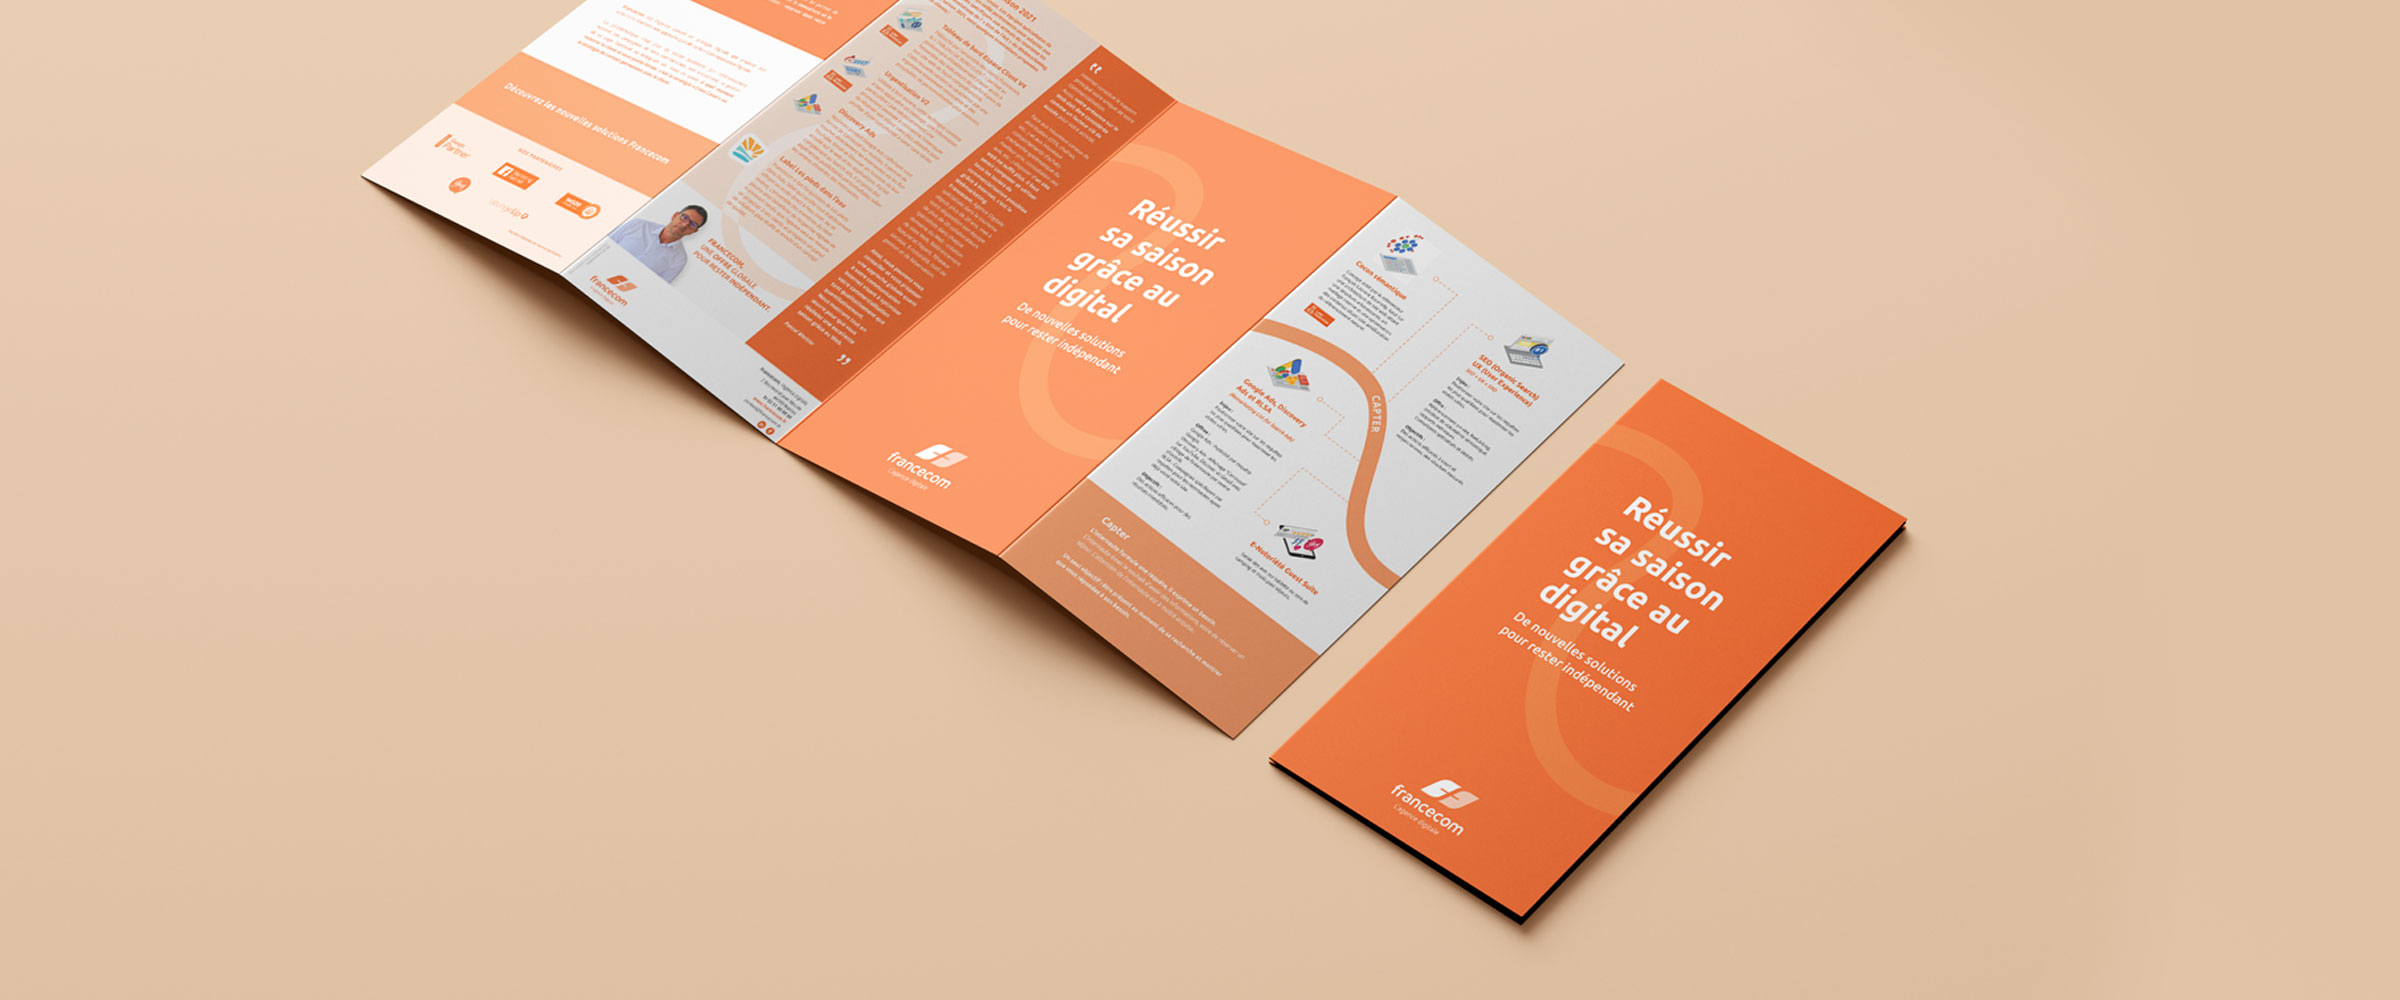 francecom brochure couverture